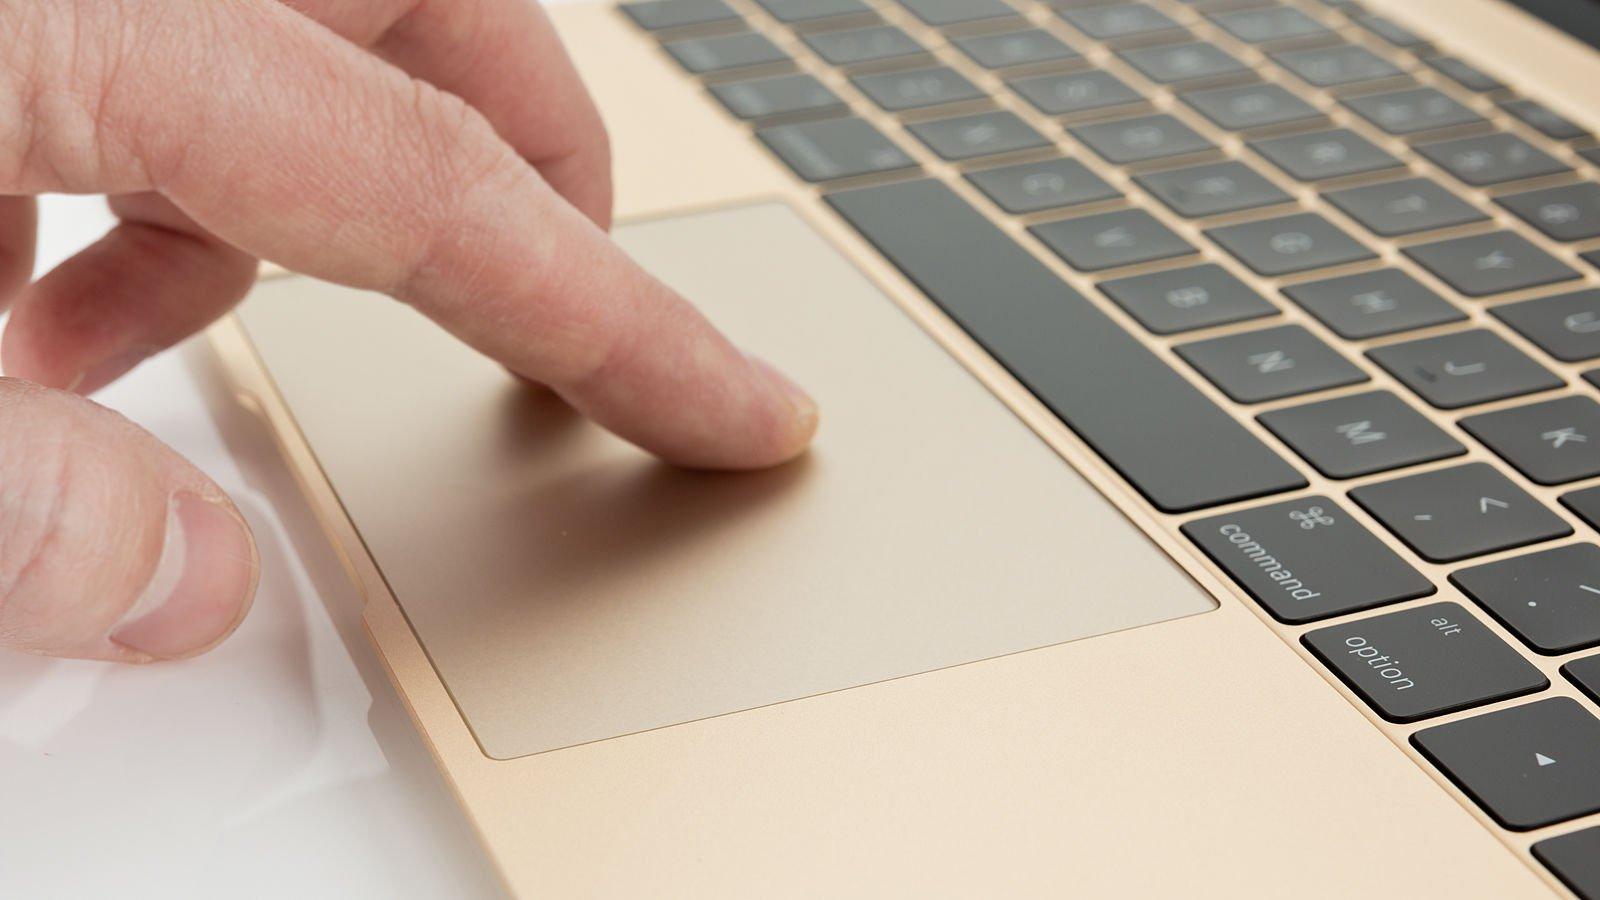 MacBook Air еще может порадовать нас обновлениями